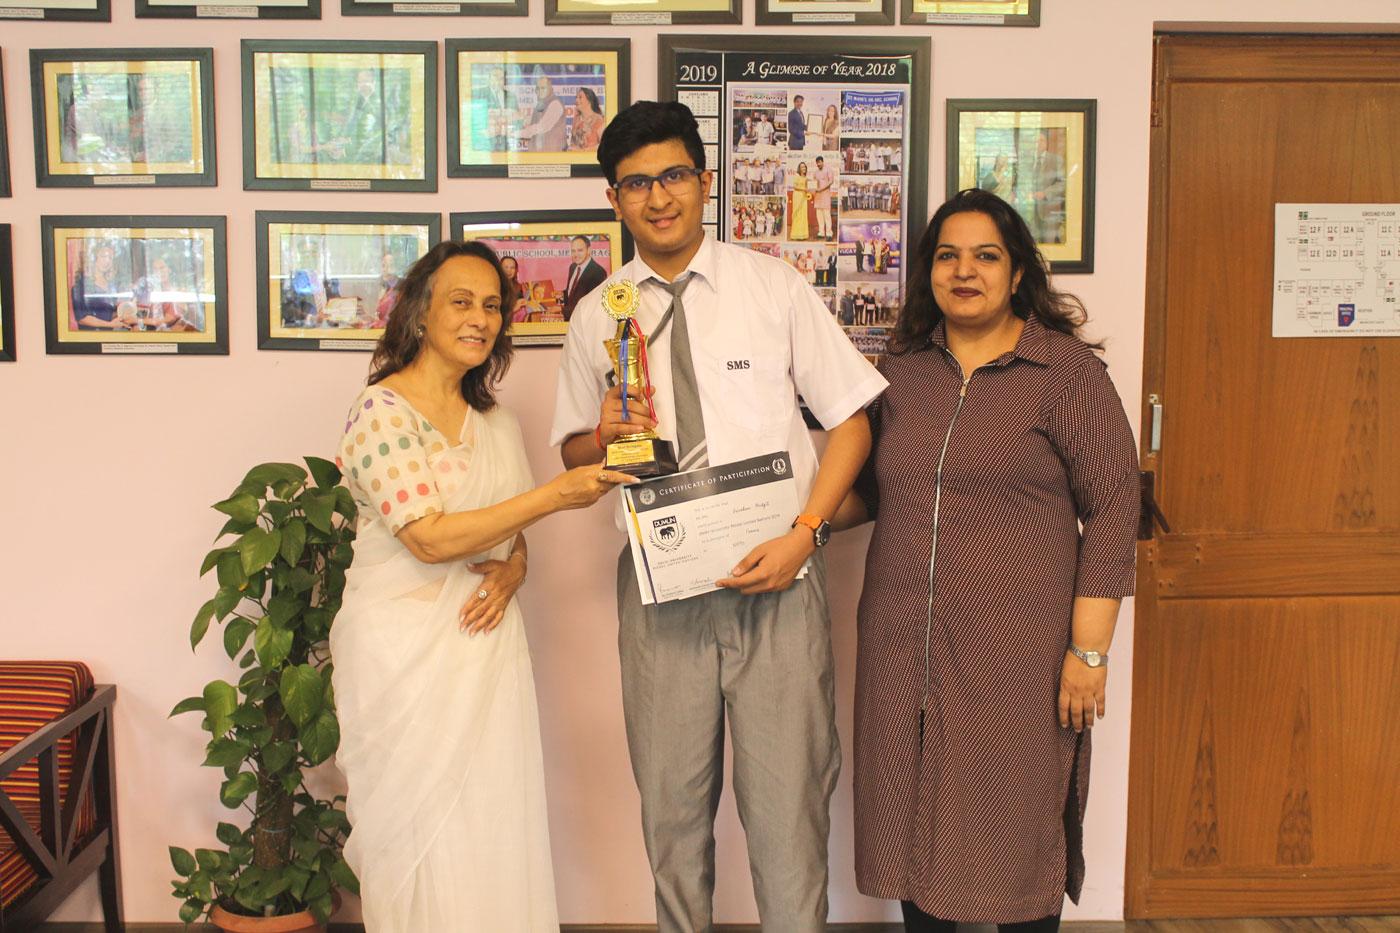 Inter School Competitions - St  Mark's Sr  Sec  Public School, Meera